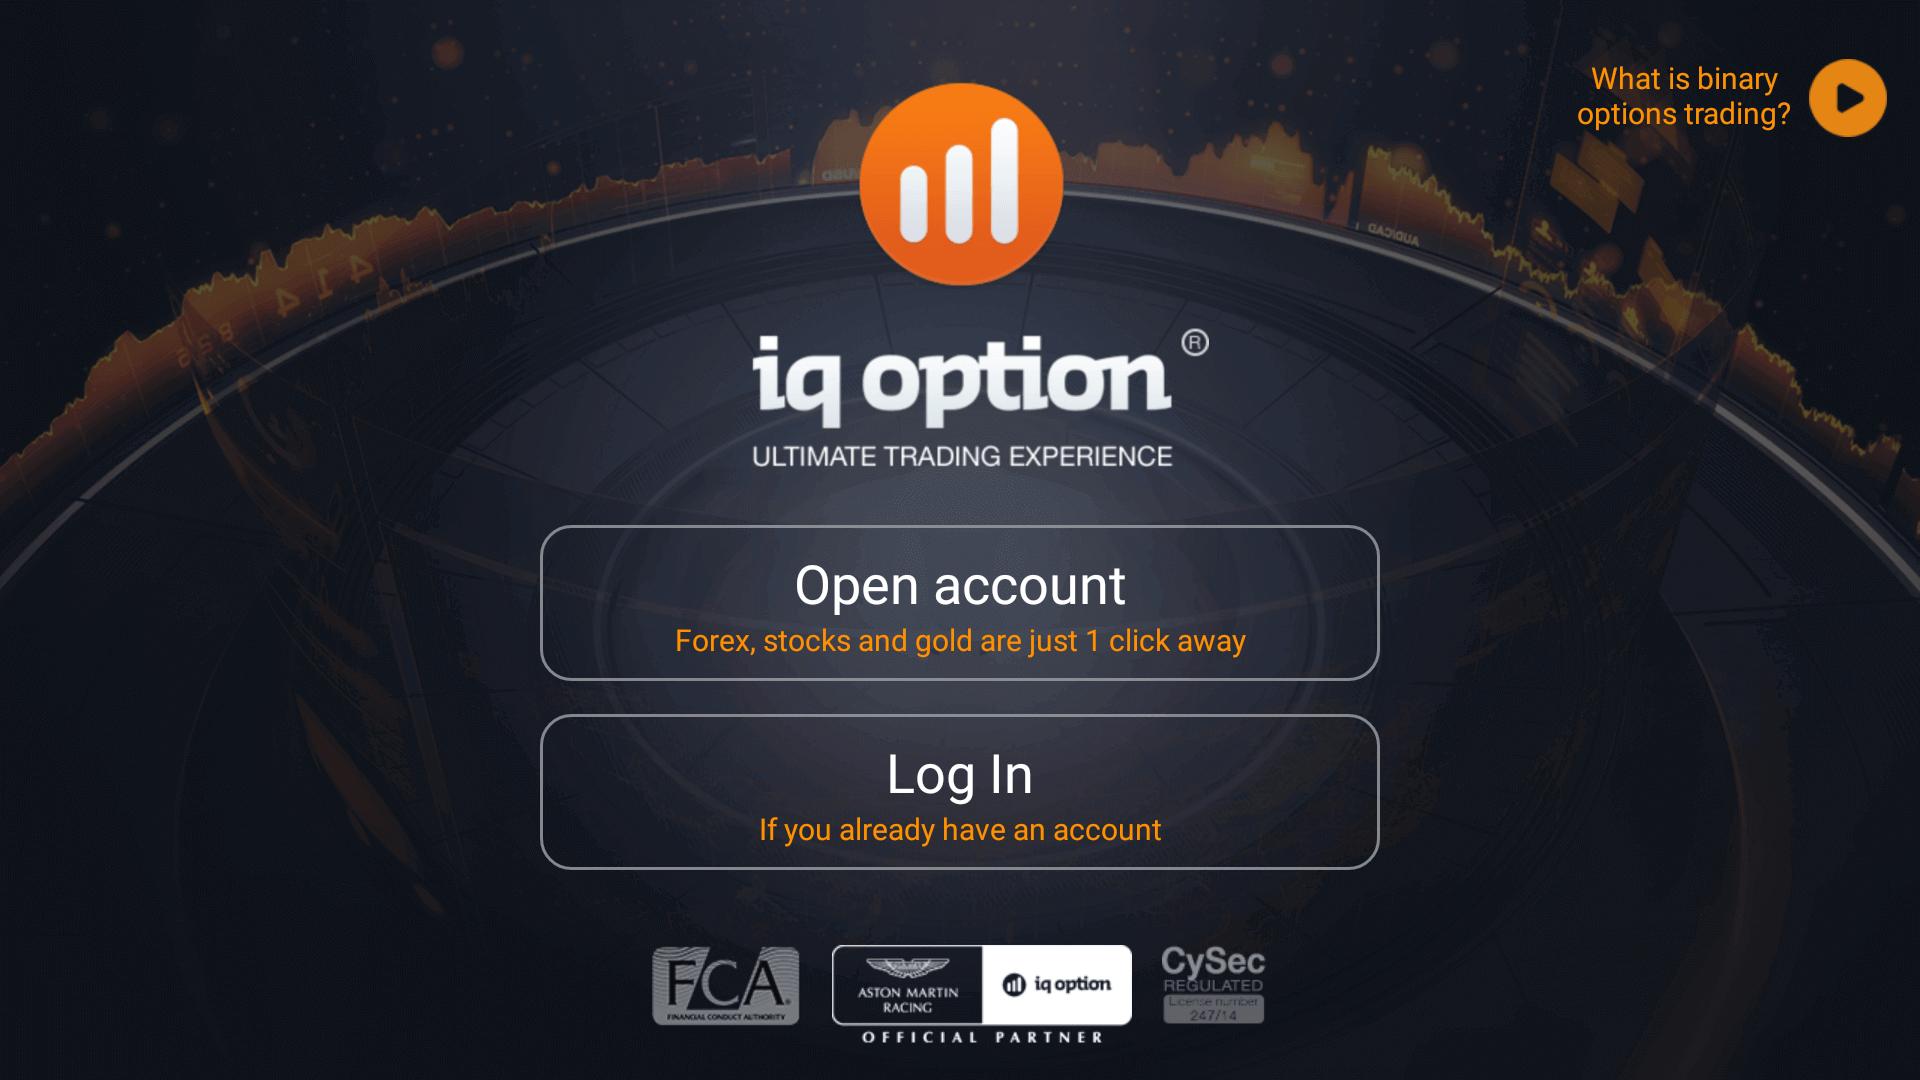 aplicativo de opções binárias iq criptomonedas que comprar